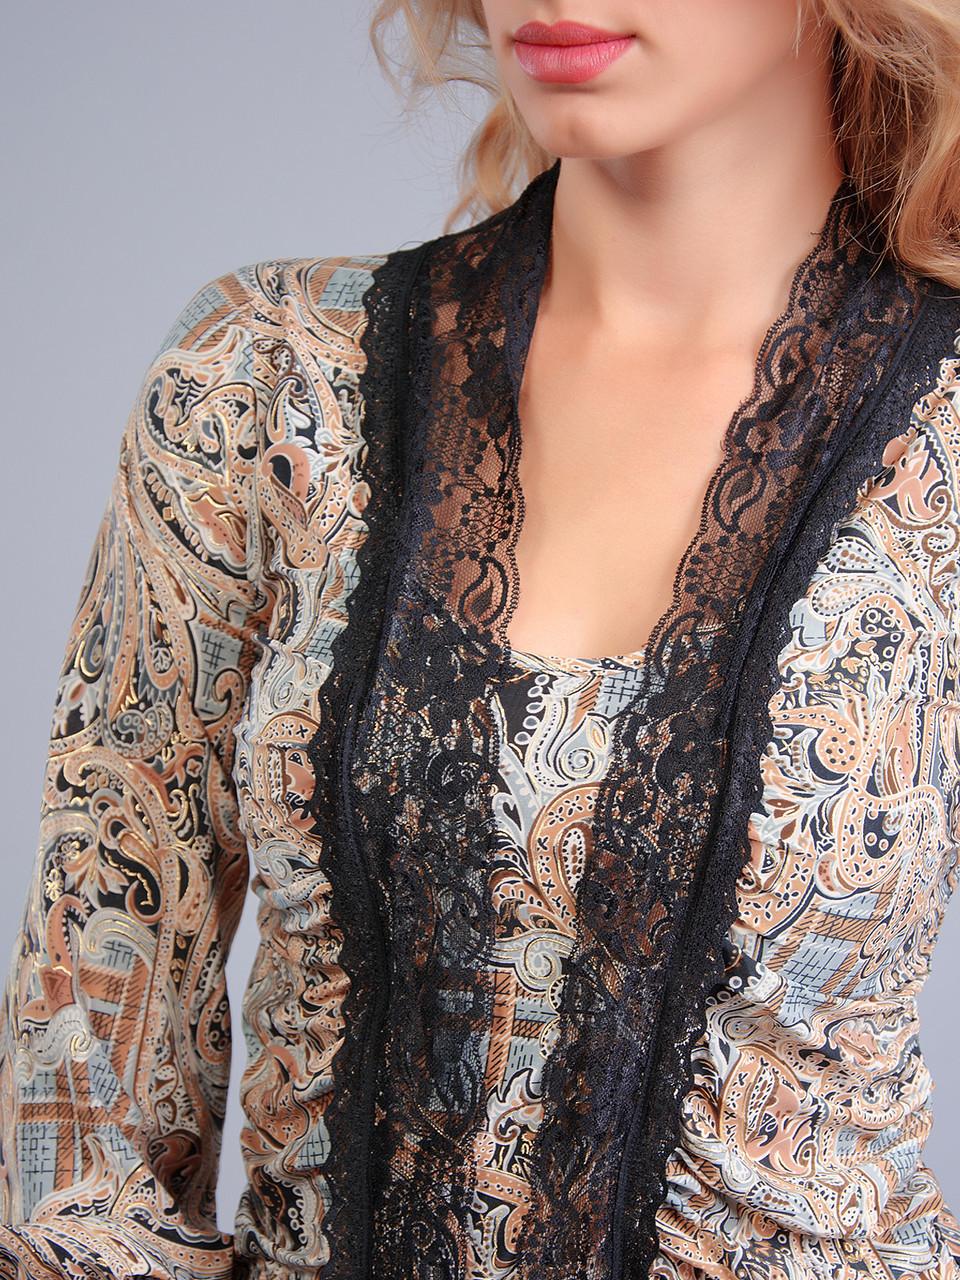 Купить легкую женскую блузку